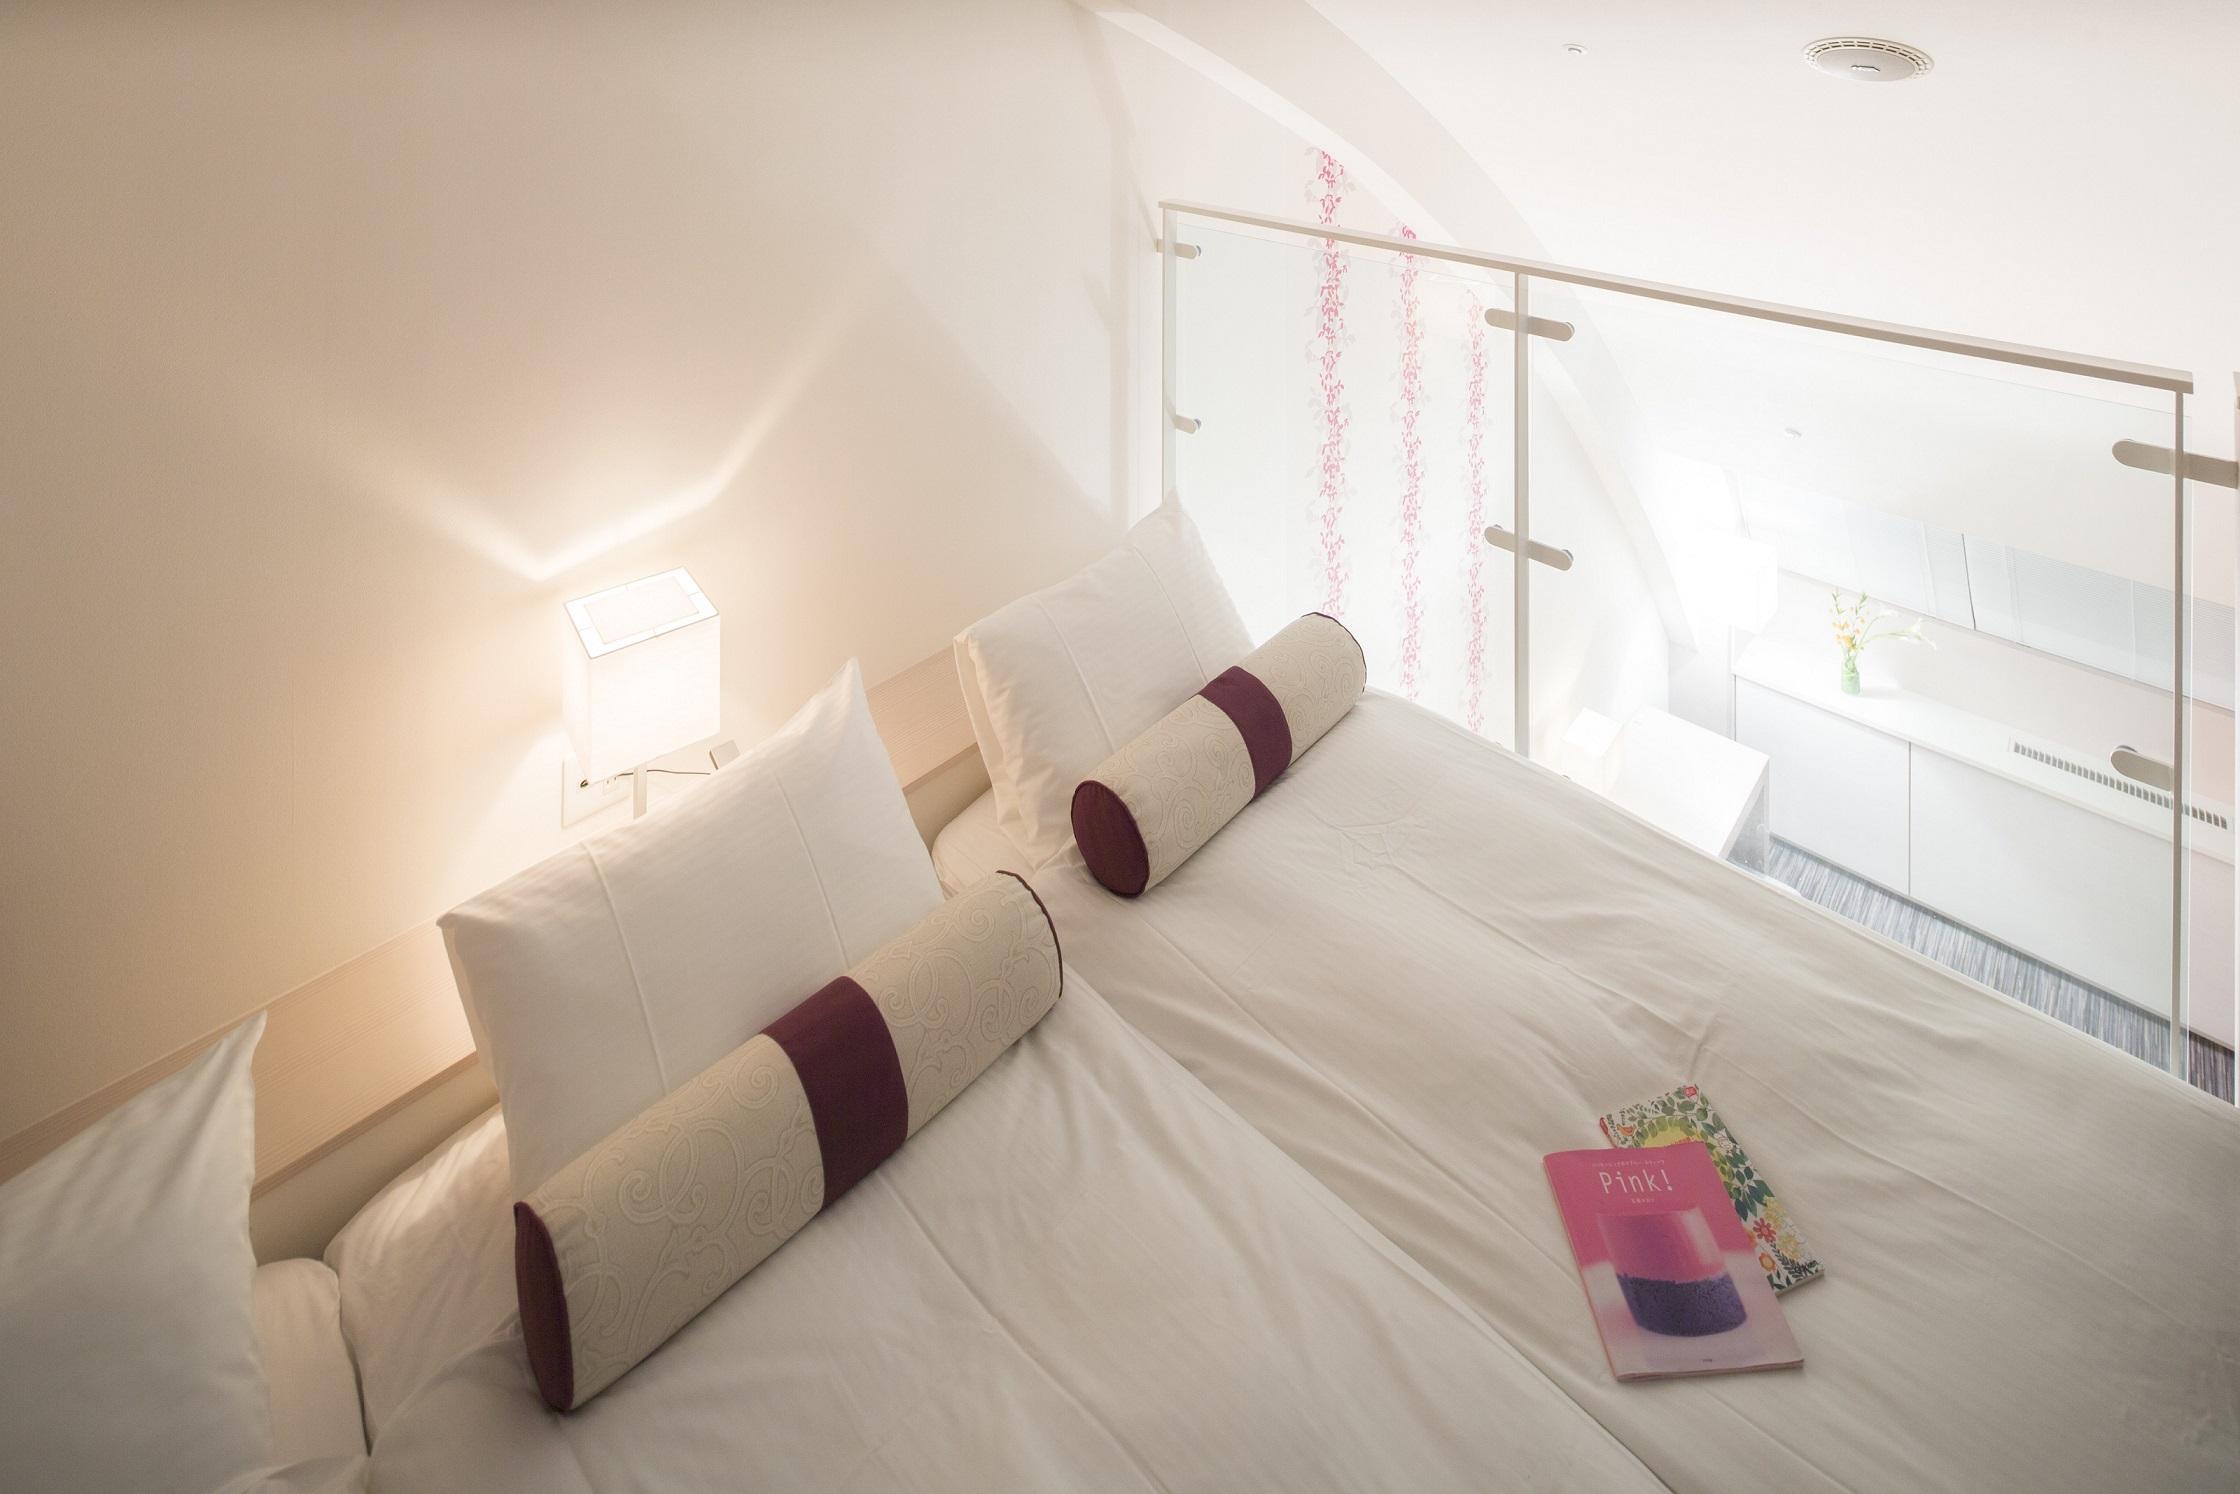 星野リゾート 磐梯山温泉ホテル / ゴロゴロルーム